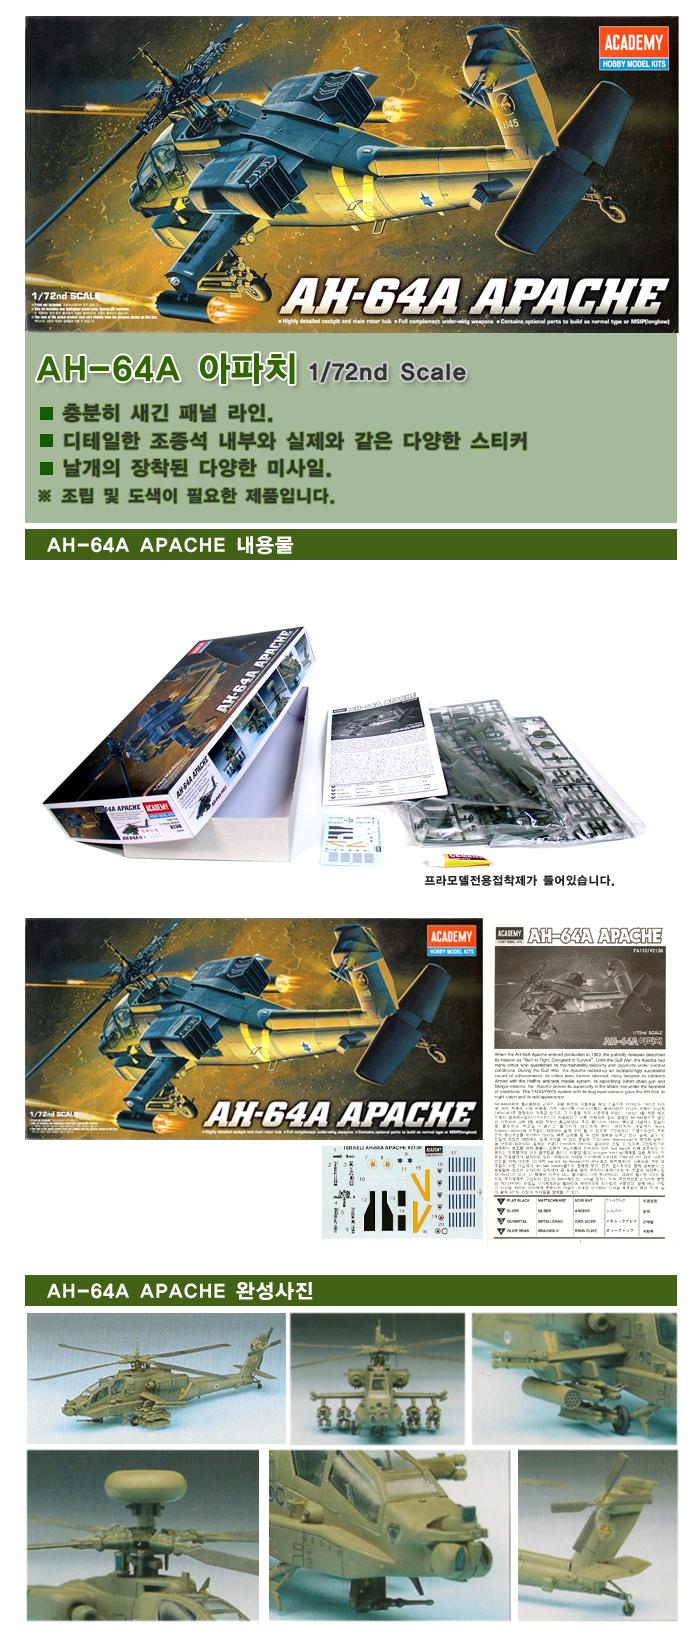 (ACFA110) 1-72 AH-64A 아팟치 (12488)) 아카데미과학 밀리터리 헬기 프라모델 - 아카데미과학, 6,000원, 비행기/배 프라모델, 비행기 프라모델